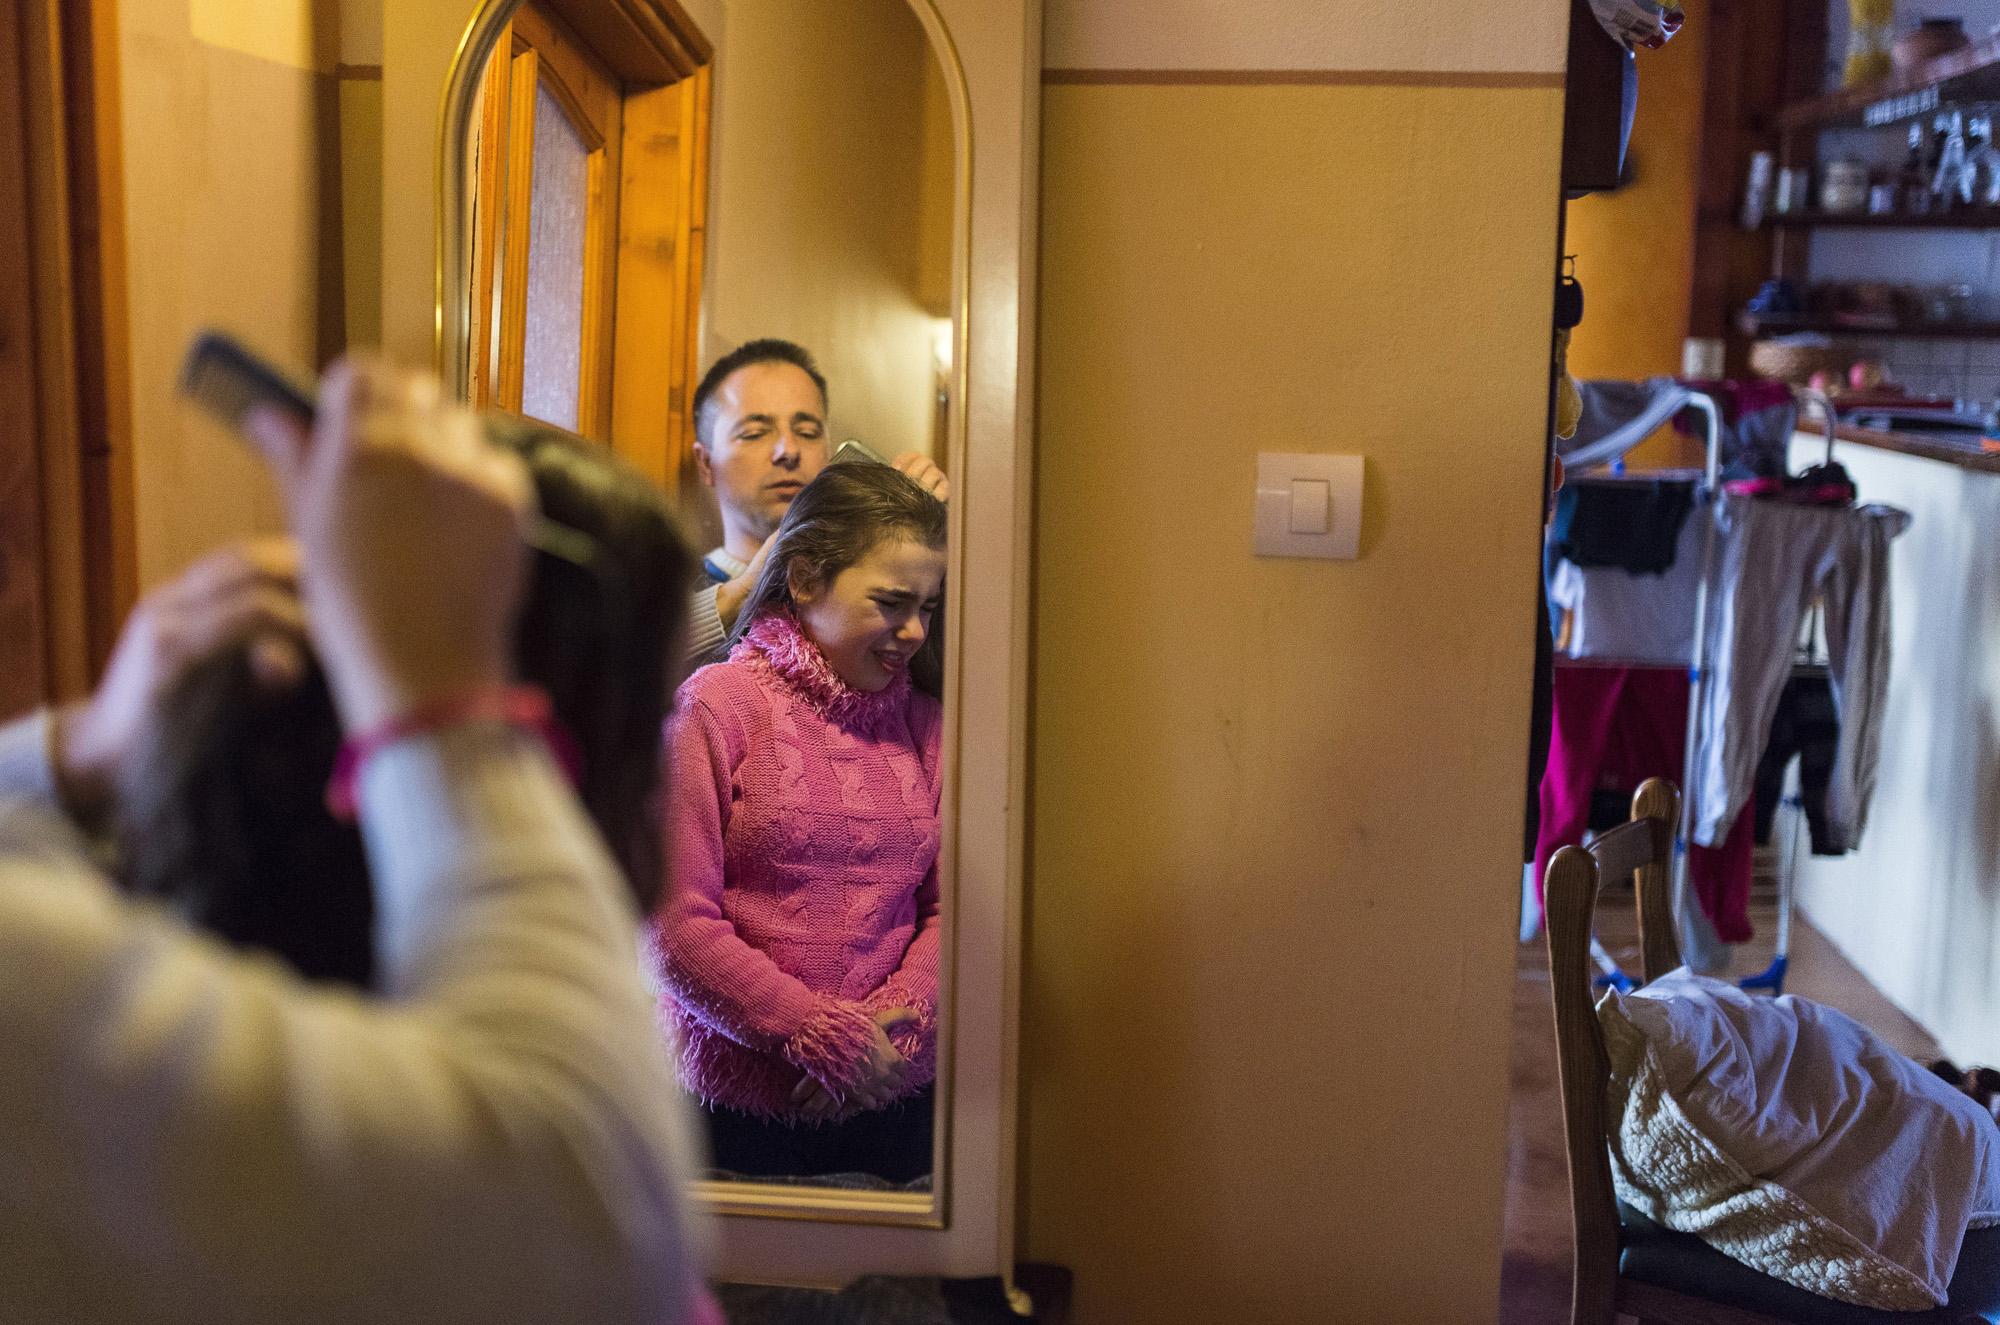 Nyíregyháza, 2017. március 30.Farkas Árpád reggel megfésüli autizmus spektrumzavarral élő lánya, Farkas Laura haját nyíregyházi otthonukban 2017. március 8-án. Az állandó felügyeletet igénylő gyermek nevelésének nehézségei miatt a család felbomlott, a szülők elváltak. A két gyermekét egyedül nevelő Farkas Árpád korábban jól működő vállalkozásaira nem tudott elég időt fordítani, így az egykor jó körülmények között élő család anyagi helyzete megváltozott. A férfi alapító elnöke az autista gyerekek szülői szervezetének, a 2014 tavaszán bejegyzett Most Élsz Egyesületnek, amely folyamatosan keresi a gyógyítás újabb és újabb lehetőségeit.MTI Fotó: Balázs Attila